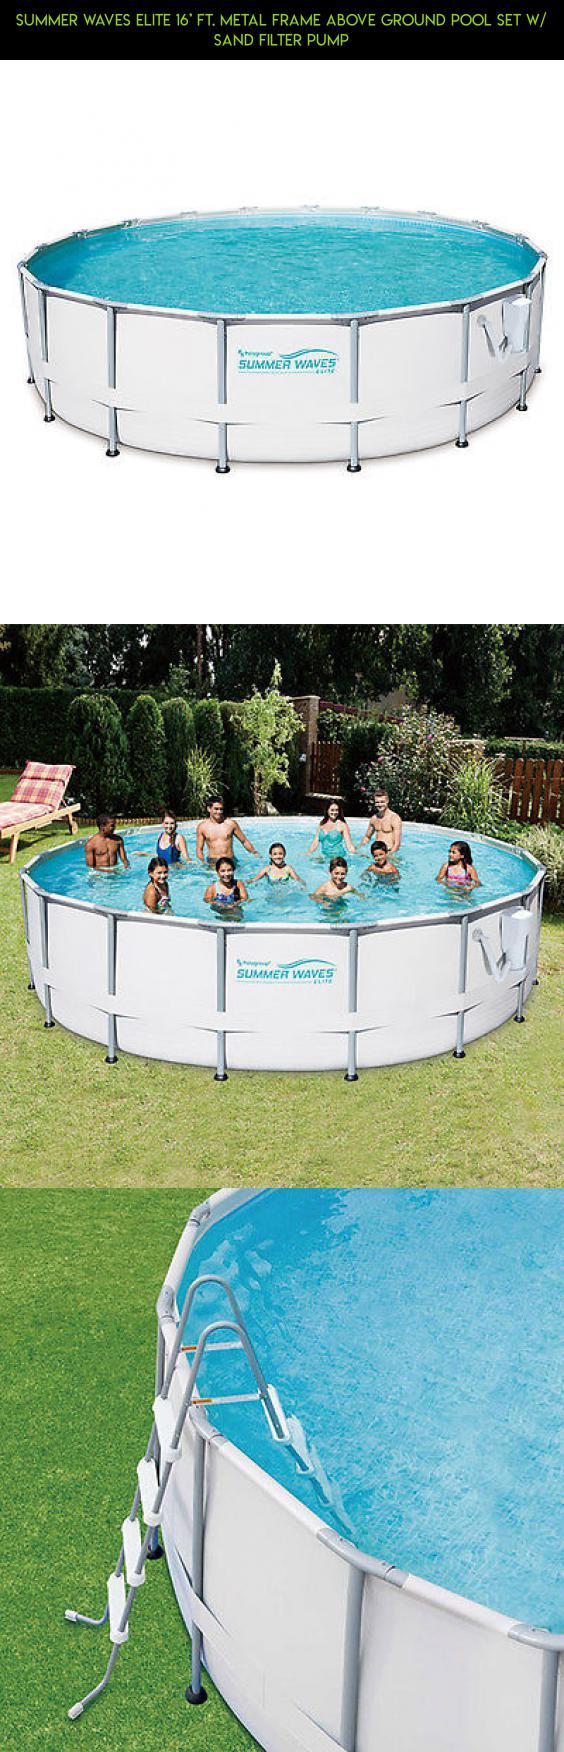 Summer Waves Elite 16\' Ft. Metal Frame Above Ground Pool Set w/ Sand ...